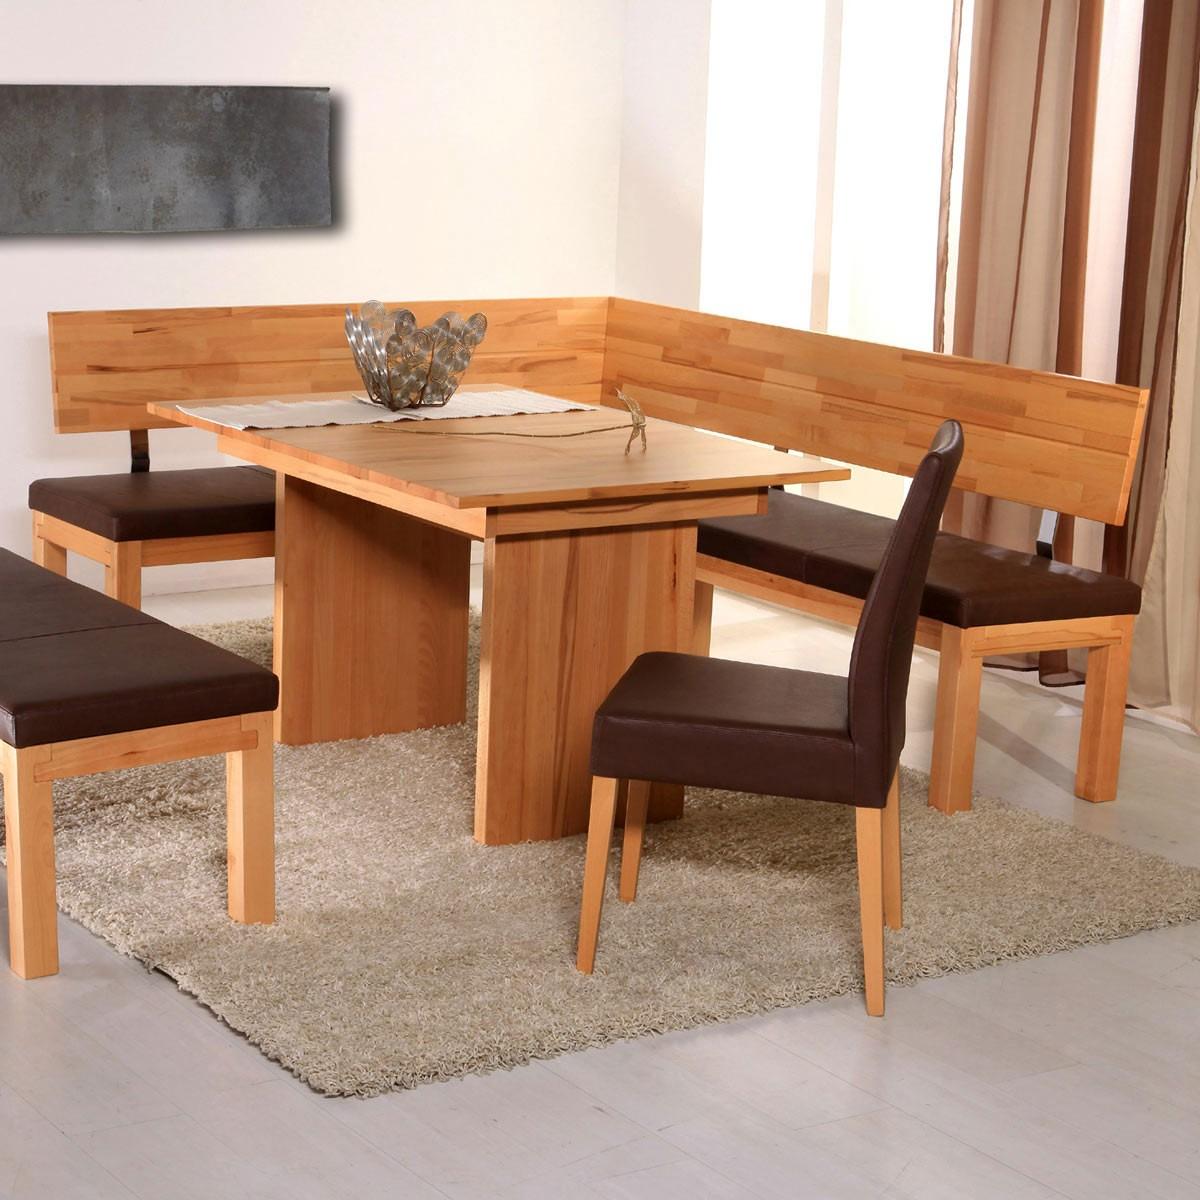 eckbank inspiration ber haus design. Black Bedroom Furniture Sets. Home Design Ideas